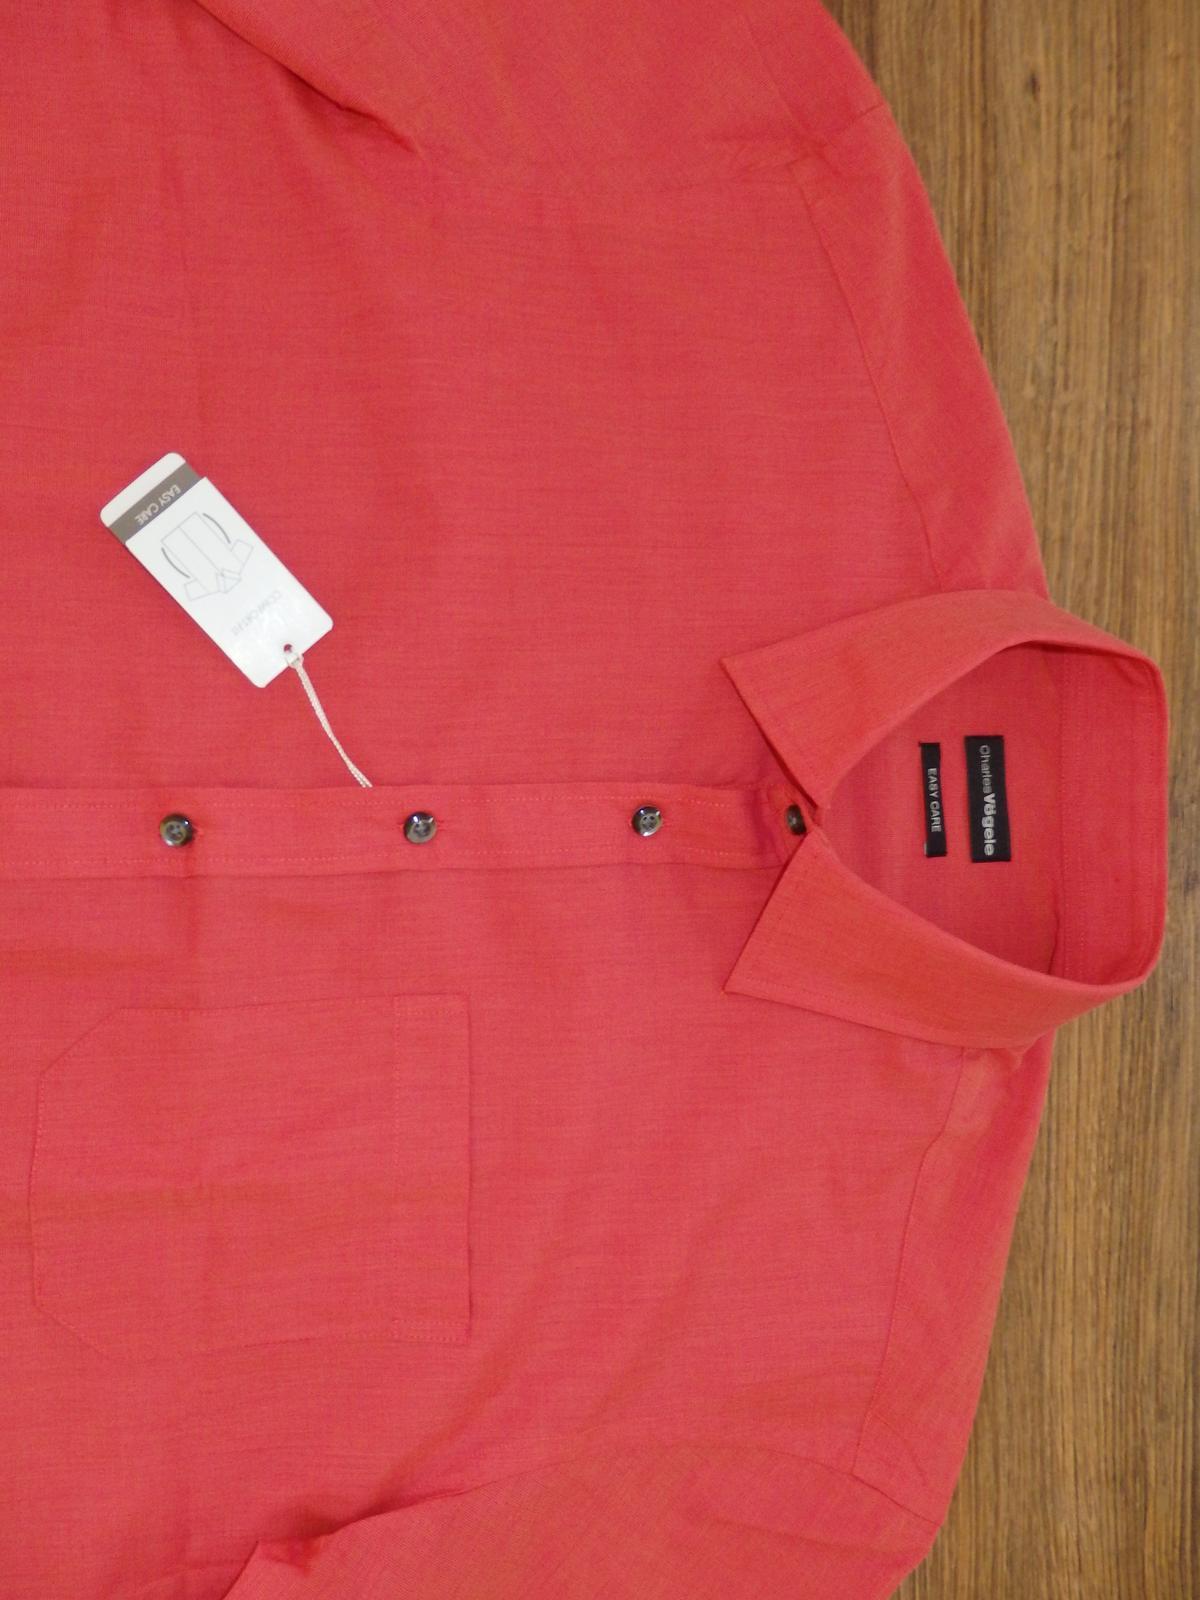 košeľa - Obrázok č. 2